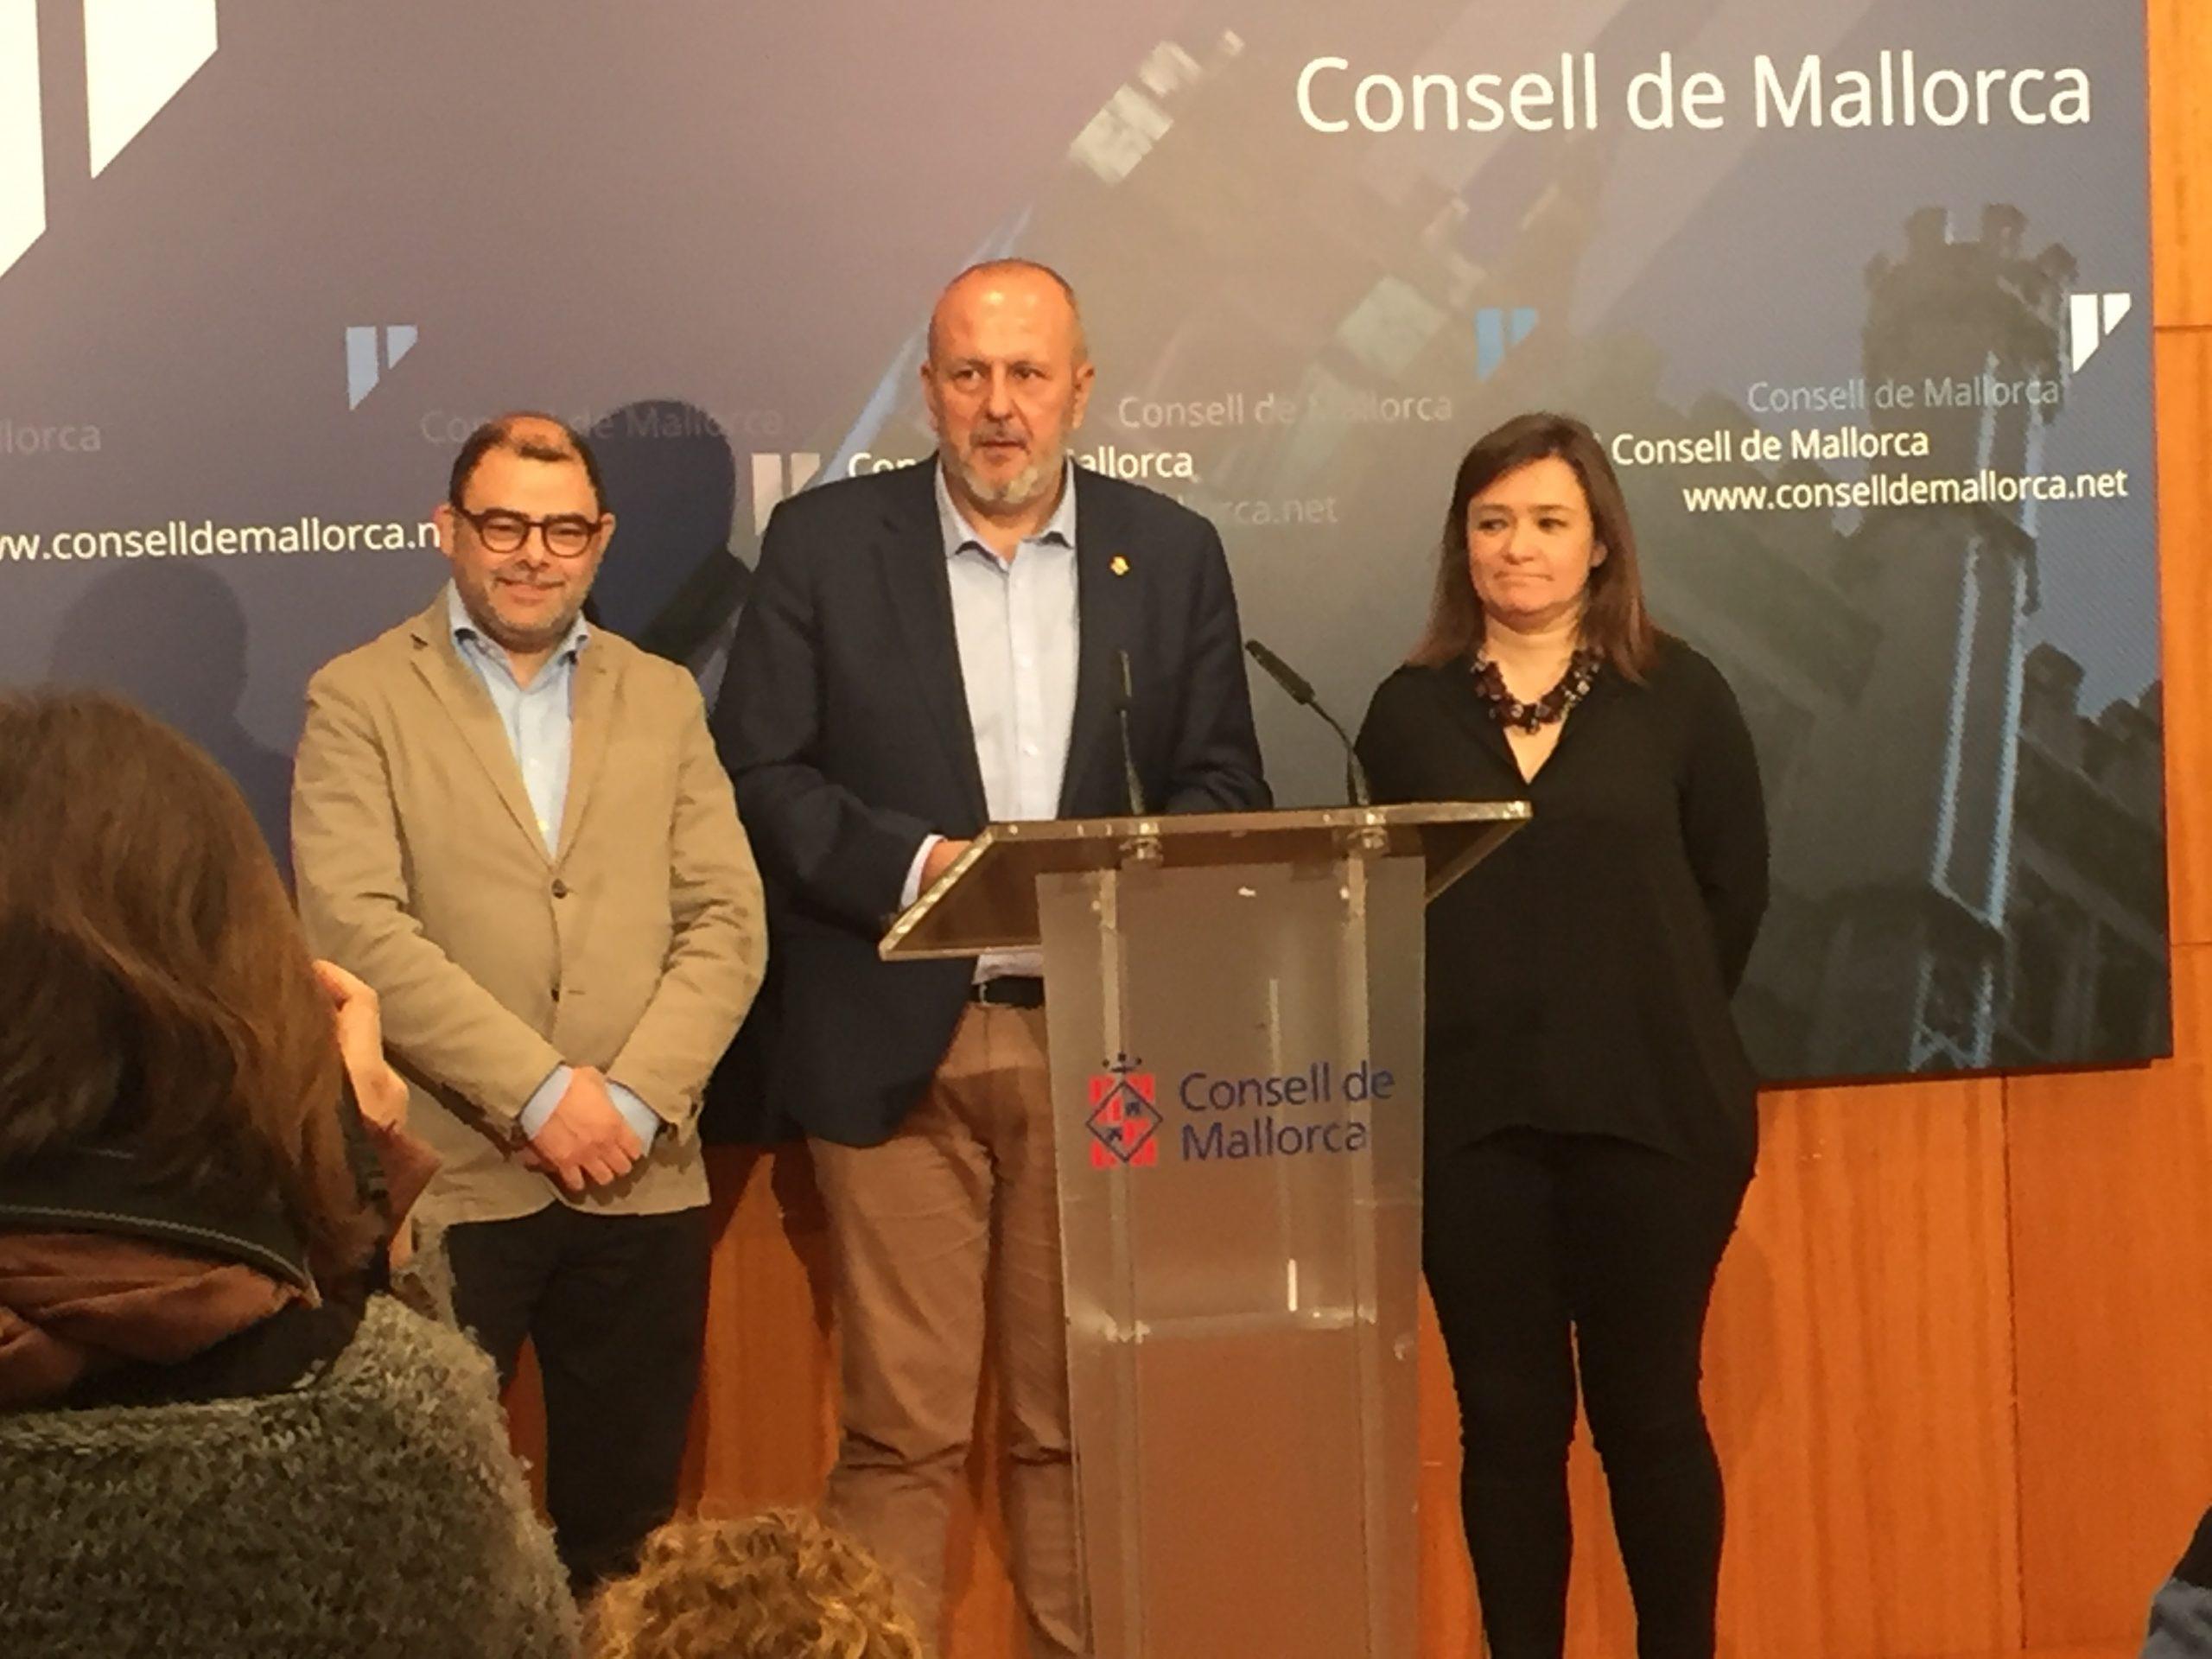 HABTUR Balears lamenta que s'enviï la proposta de zonificació definitiva a la CBMA sense comptar amb el sector